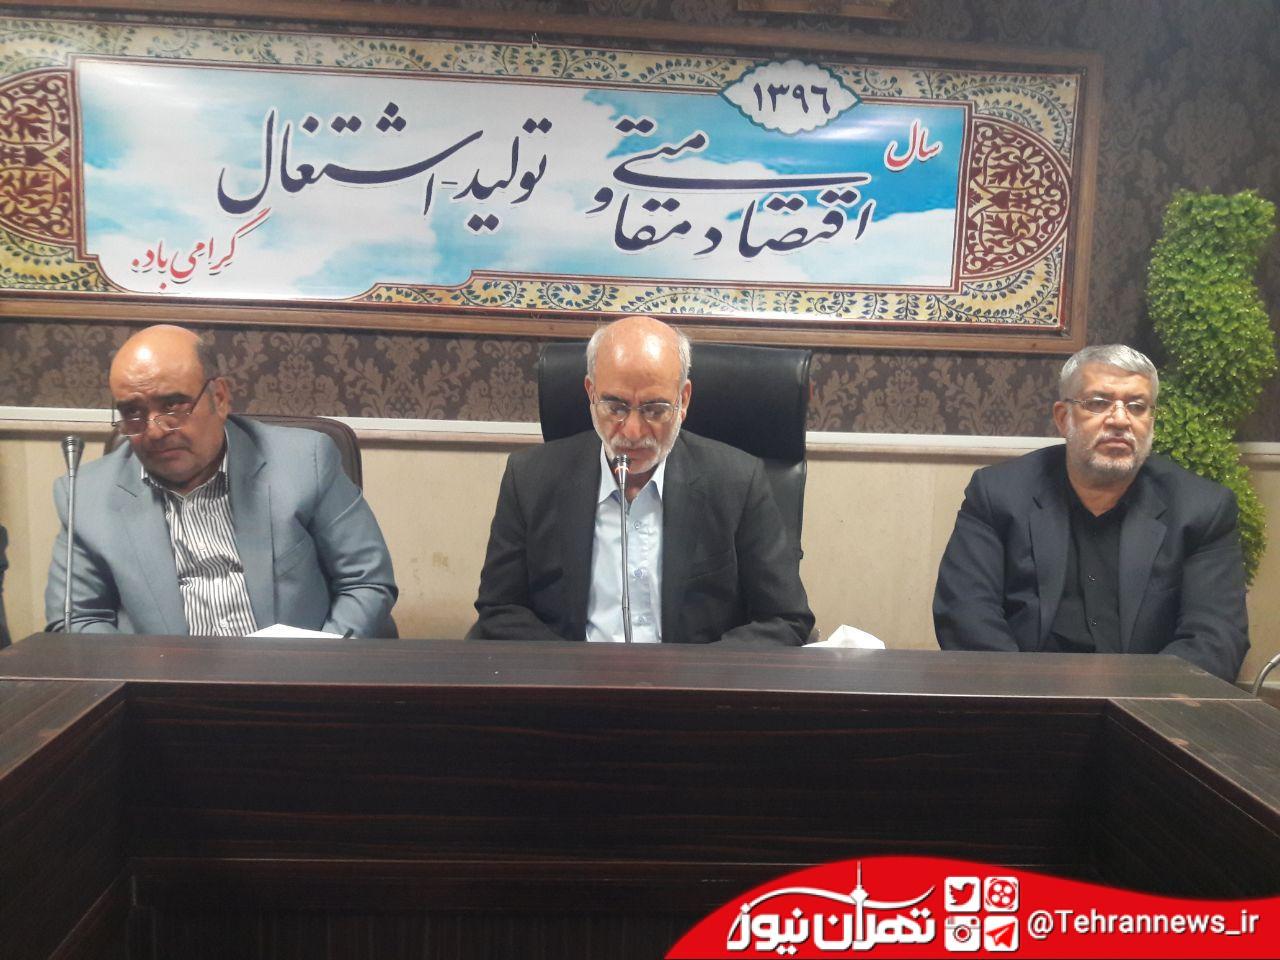 پیگیری مصوبات شورای برنامهریزی و توسعه استان تهران